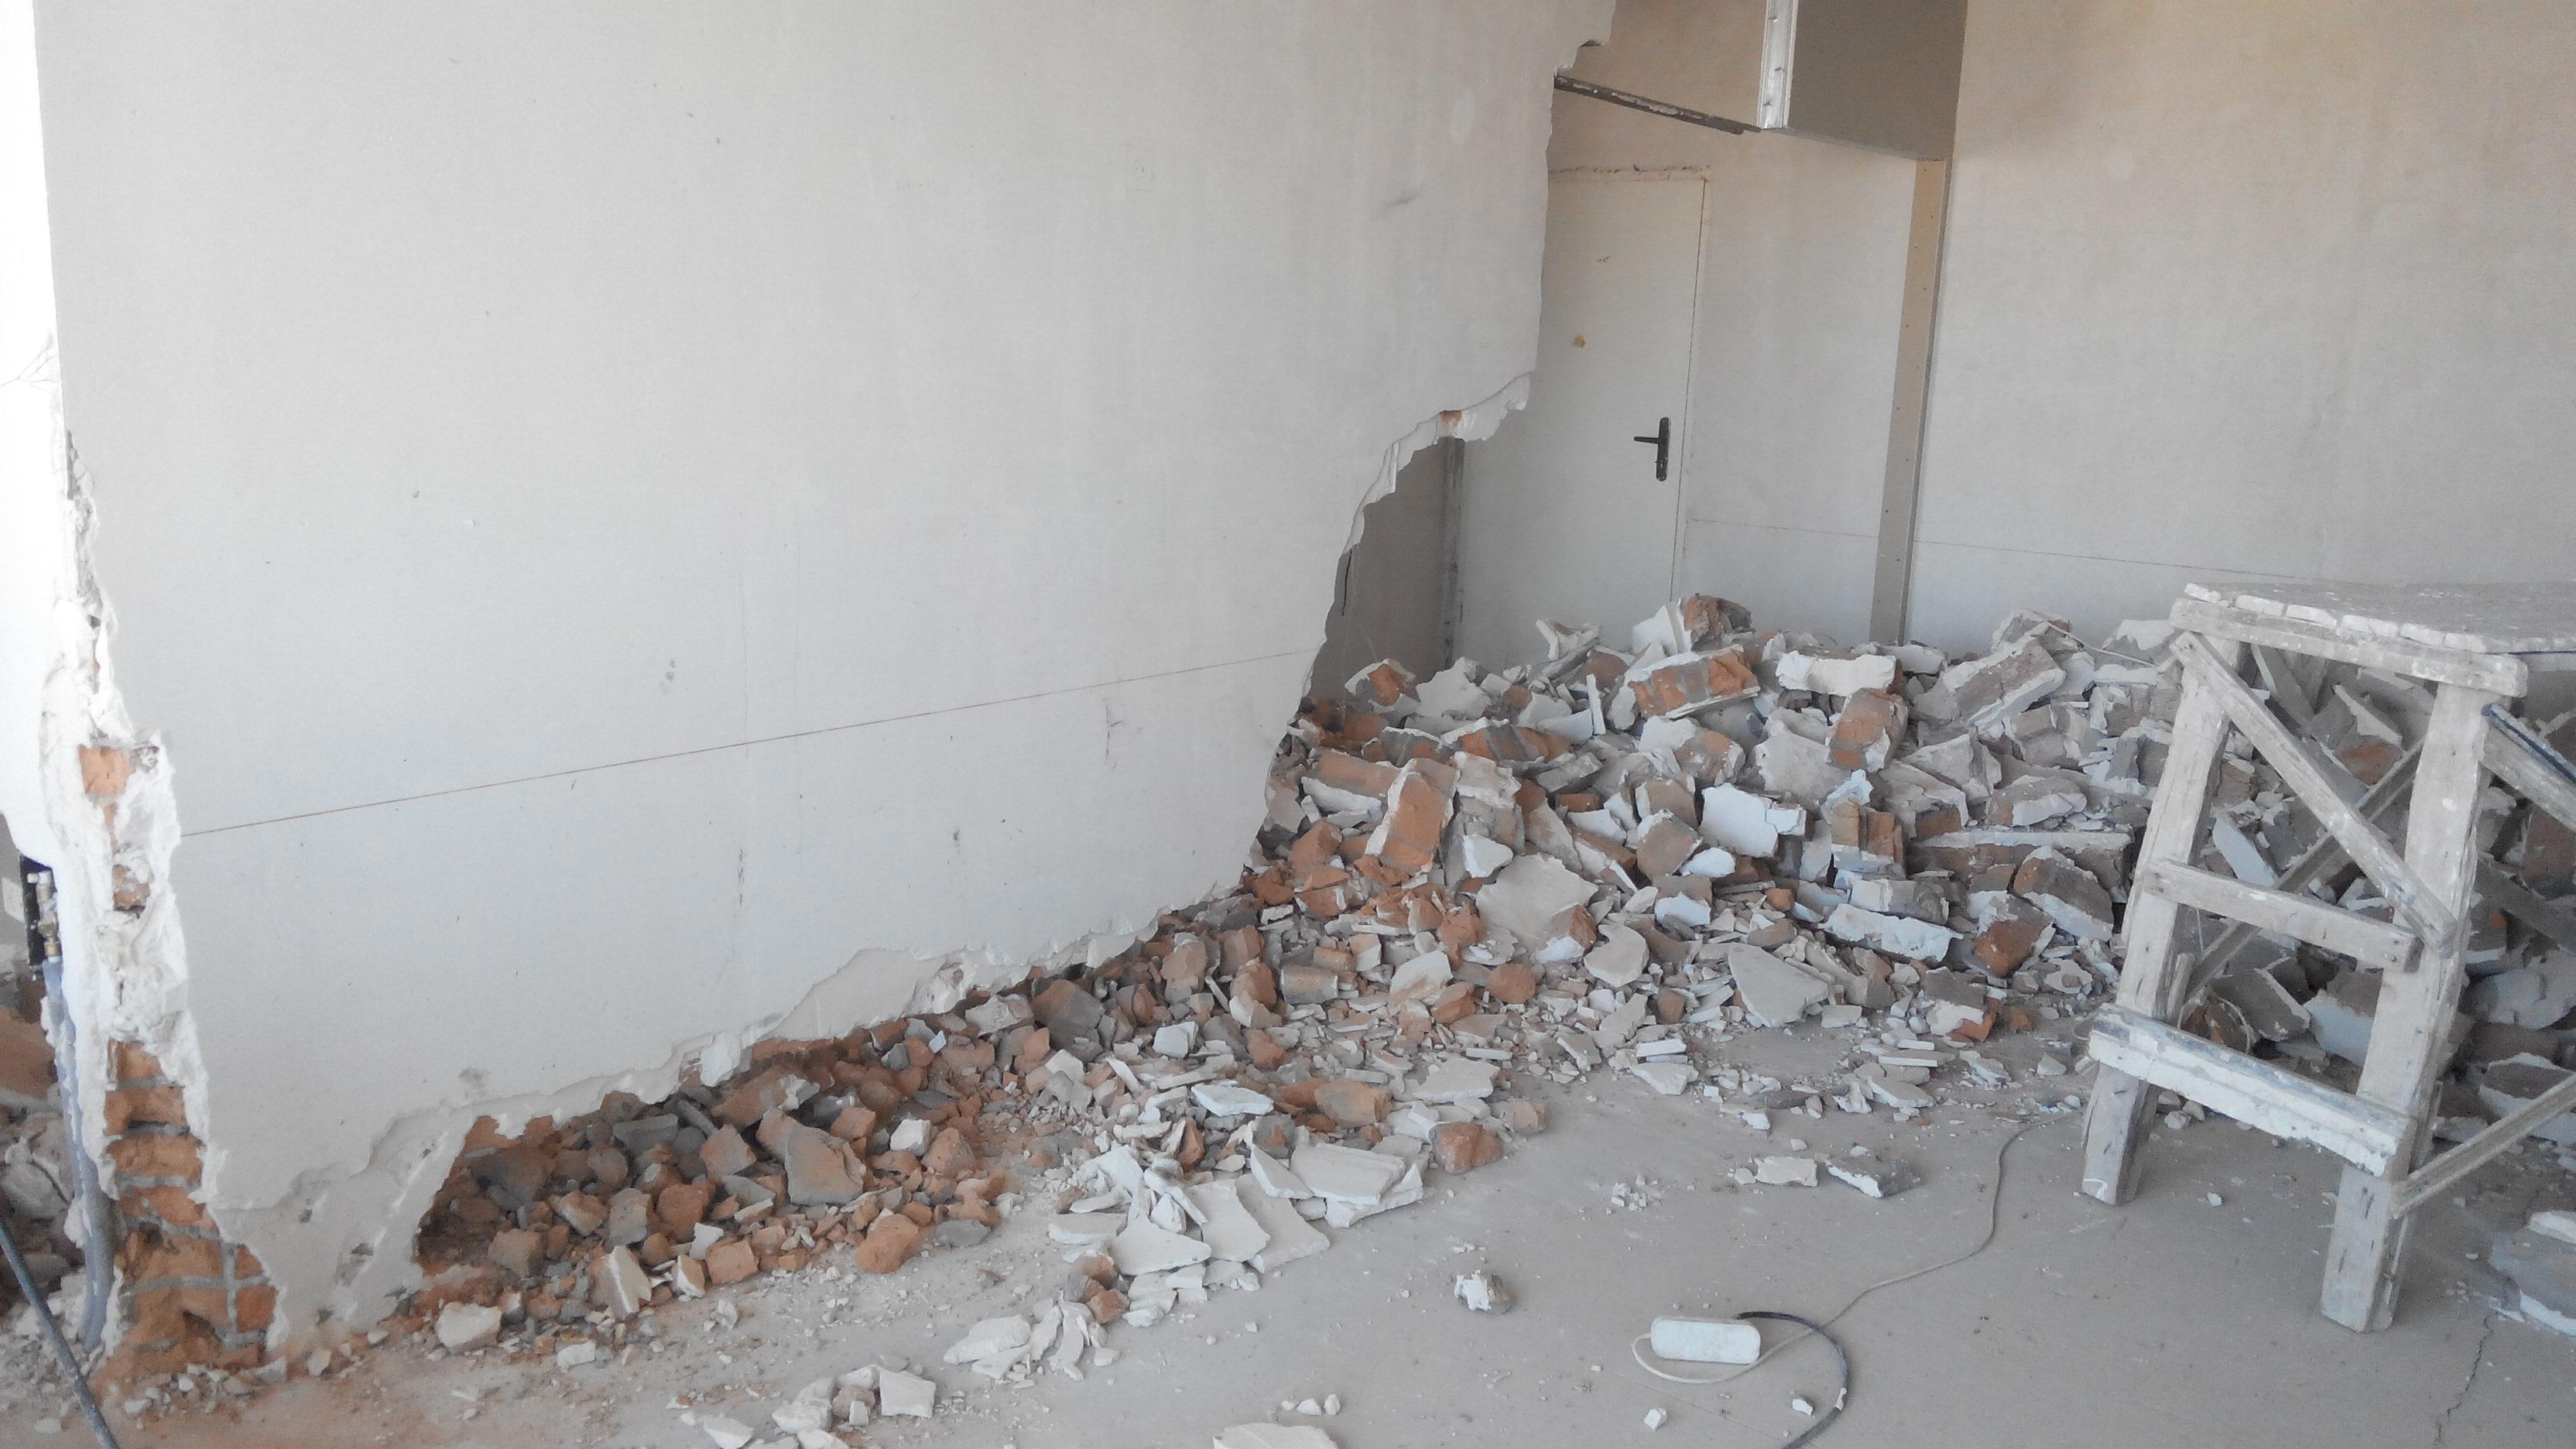 демонтаж, демонтаж стены, демонтаж стяжки пола, демонтаж Киев, демонтажные работы, работа демонтаж, демонтаж паркета, демонтаж плитки, демонтаж ванной, демонтажные работы, демонтаж пола, демонтаж стен, демонтаж стены, демонтаж перегородки, вывоз мусора, снос, снос дома, утилизация мусора, уборка, уборка Киев, строительные работы, строители Киев, стройработы, ремонт, ремонт под ключ, отделка, отделочные работы, электрика, демонтажи